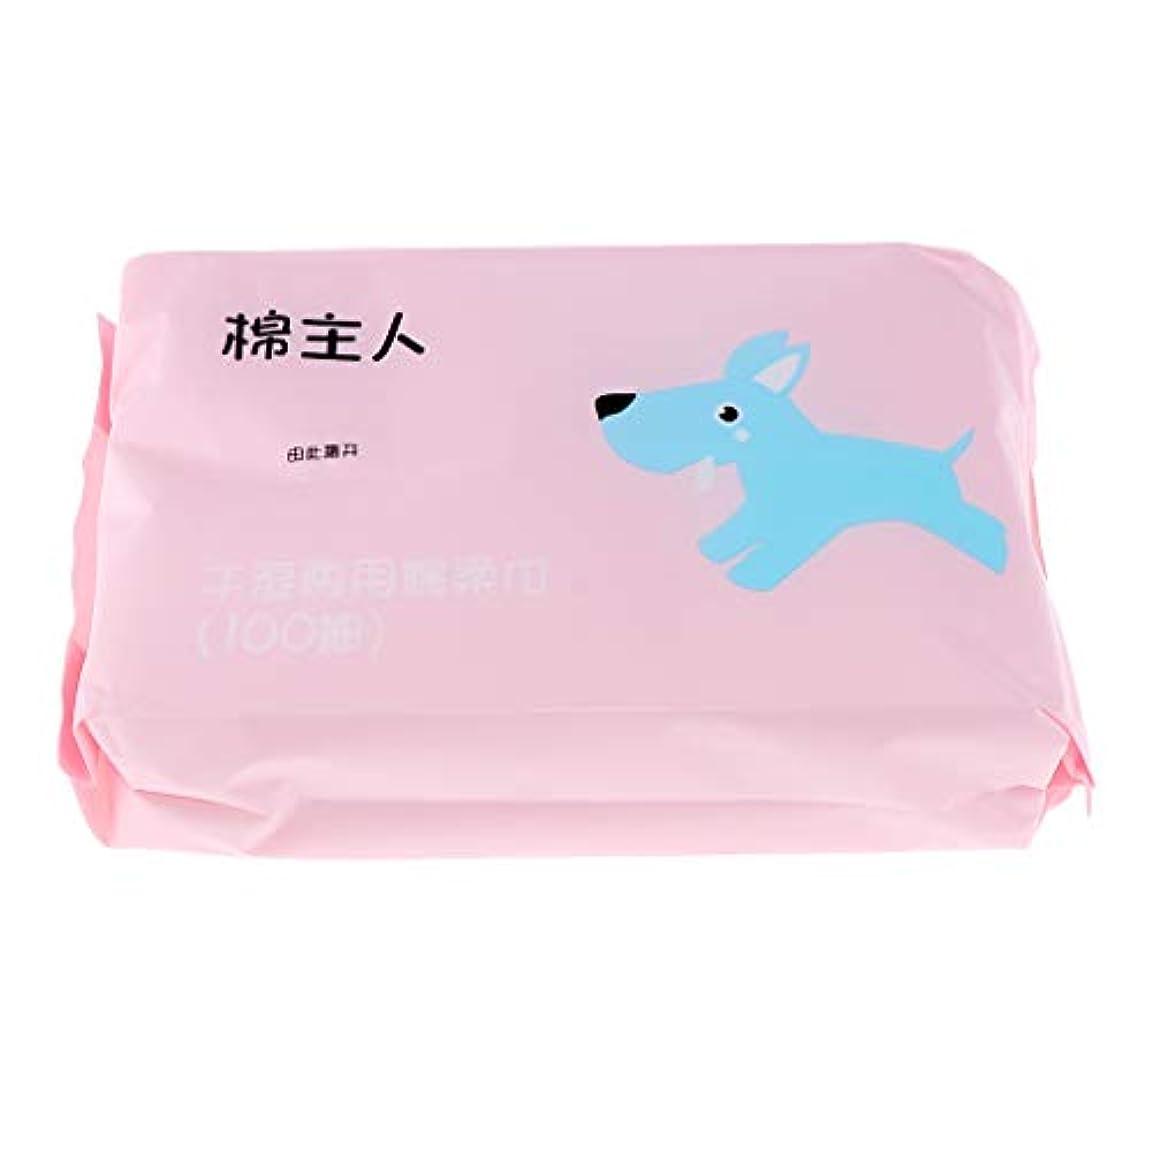 数洞窟内陸CUTICATE クレンジングシート メイク落とし 軽量 便利 敏感肌用 非刺激 不織布 フェイスタオル 約100枚 - ピンク